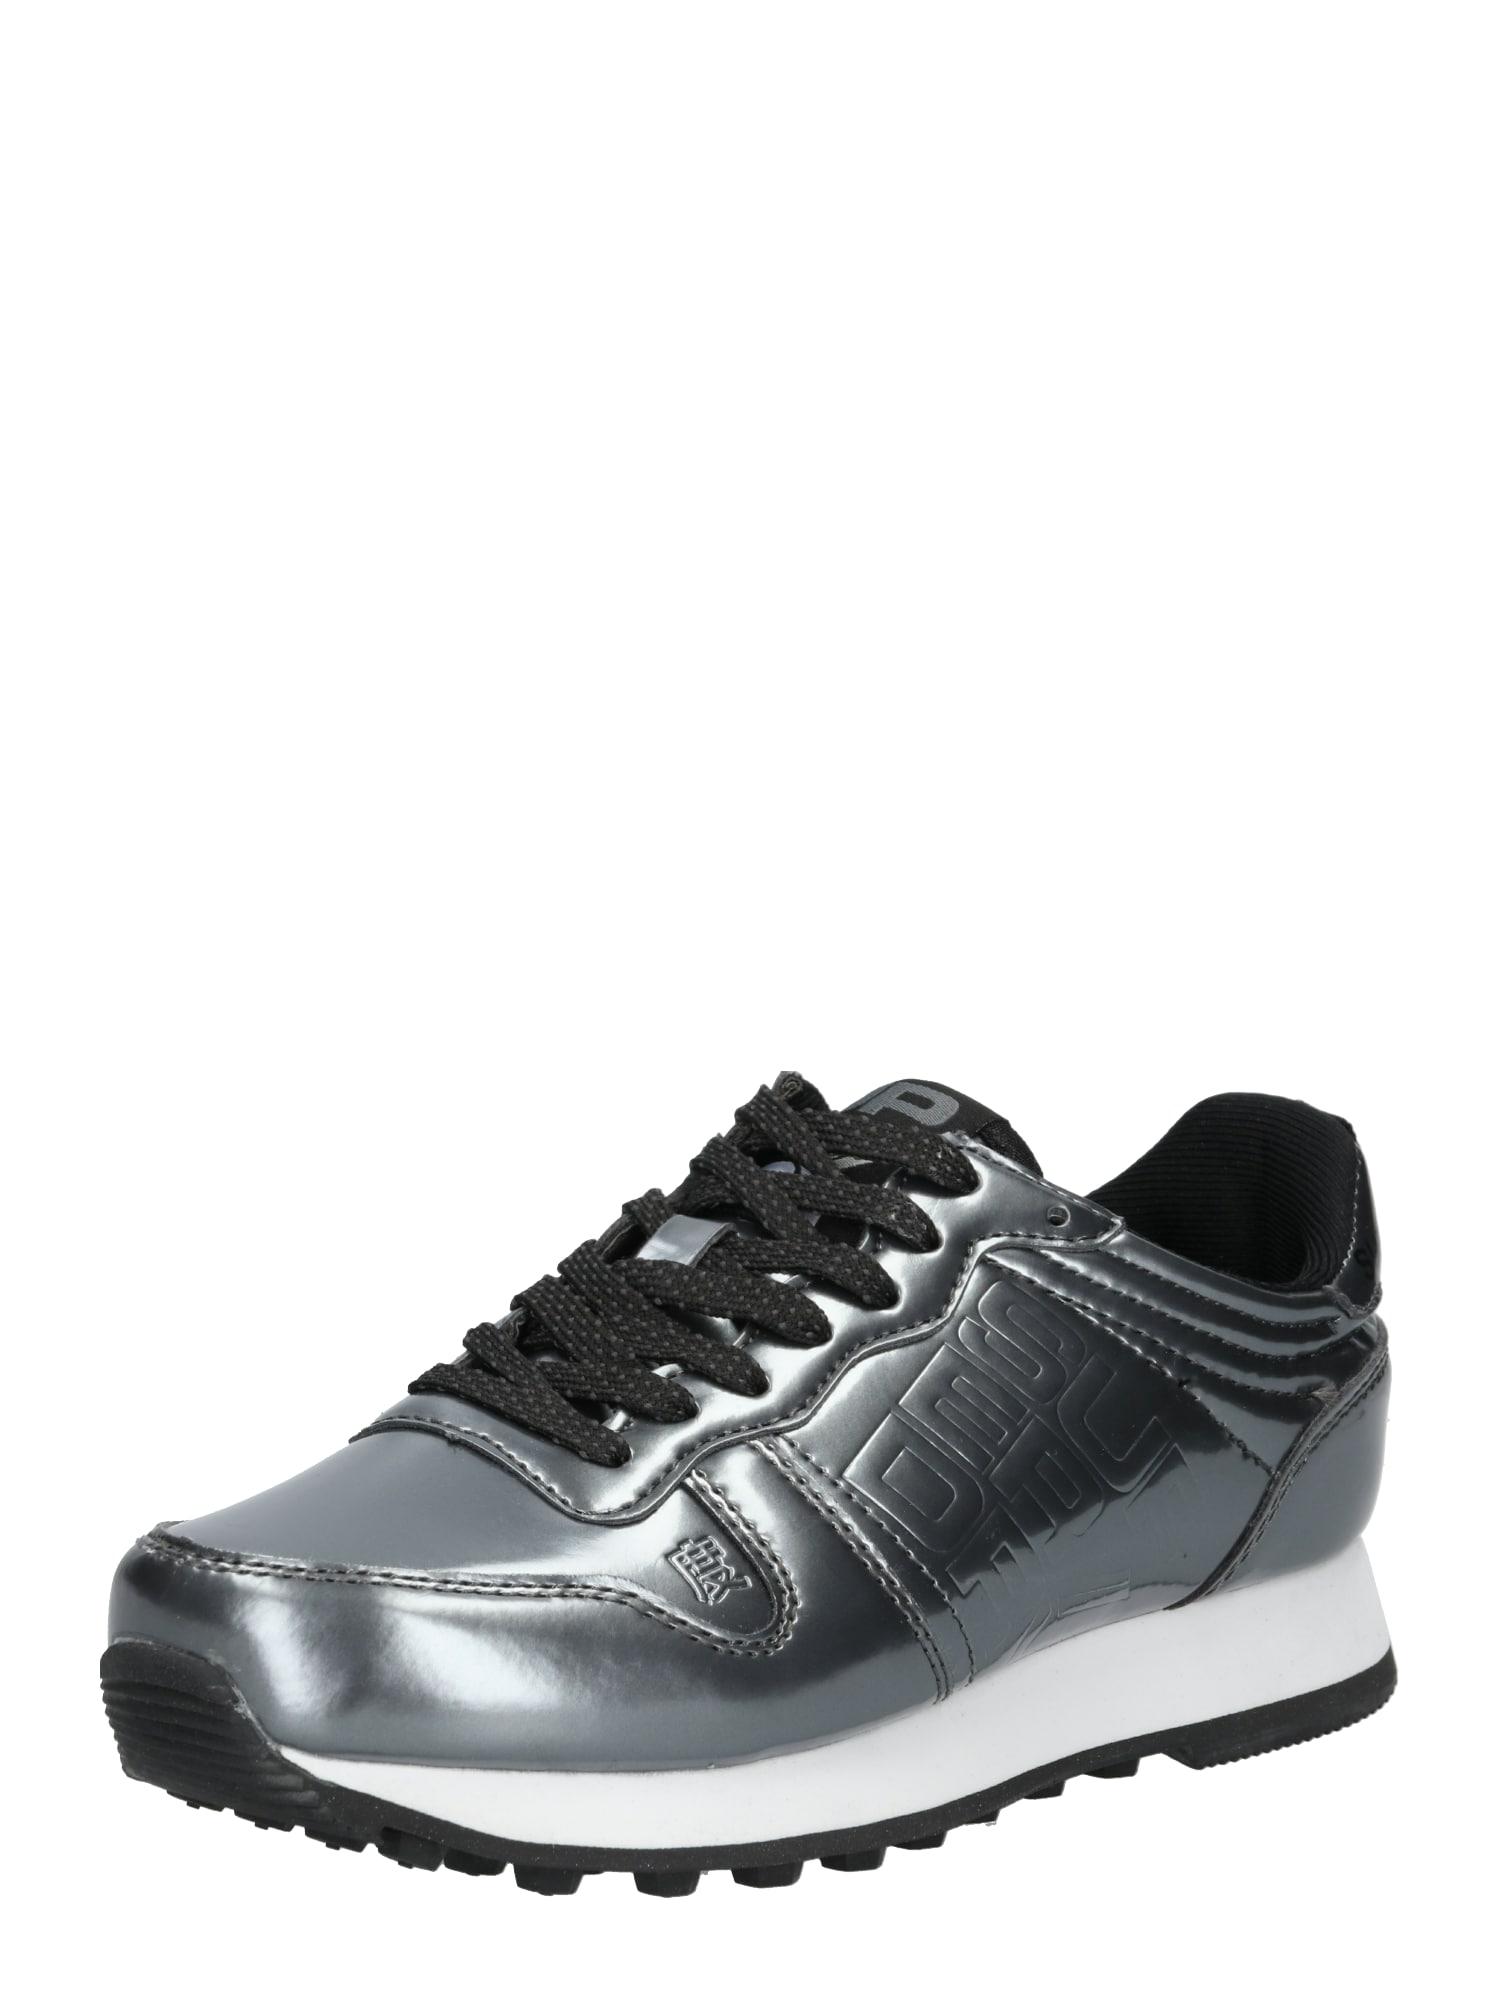 Tenisky stříbrně šedá Superdry